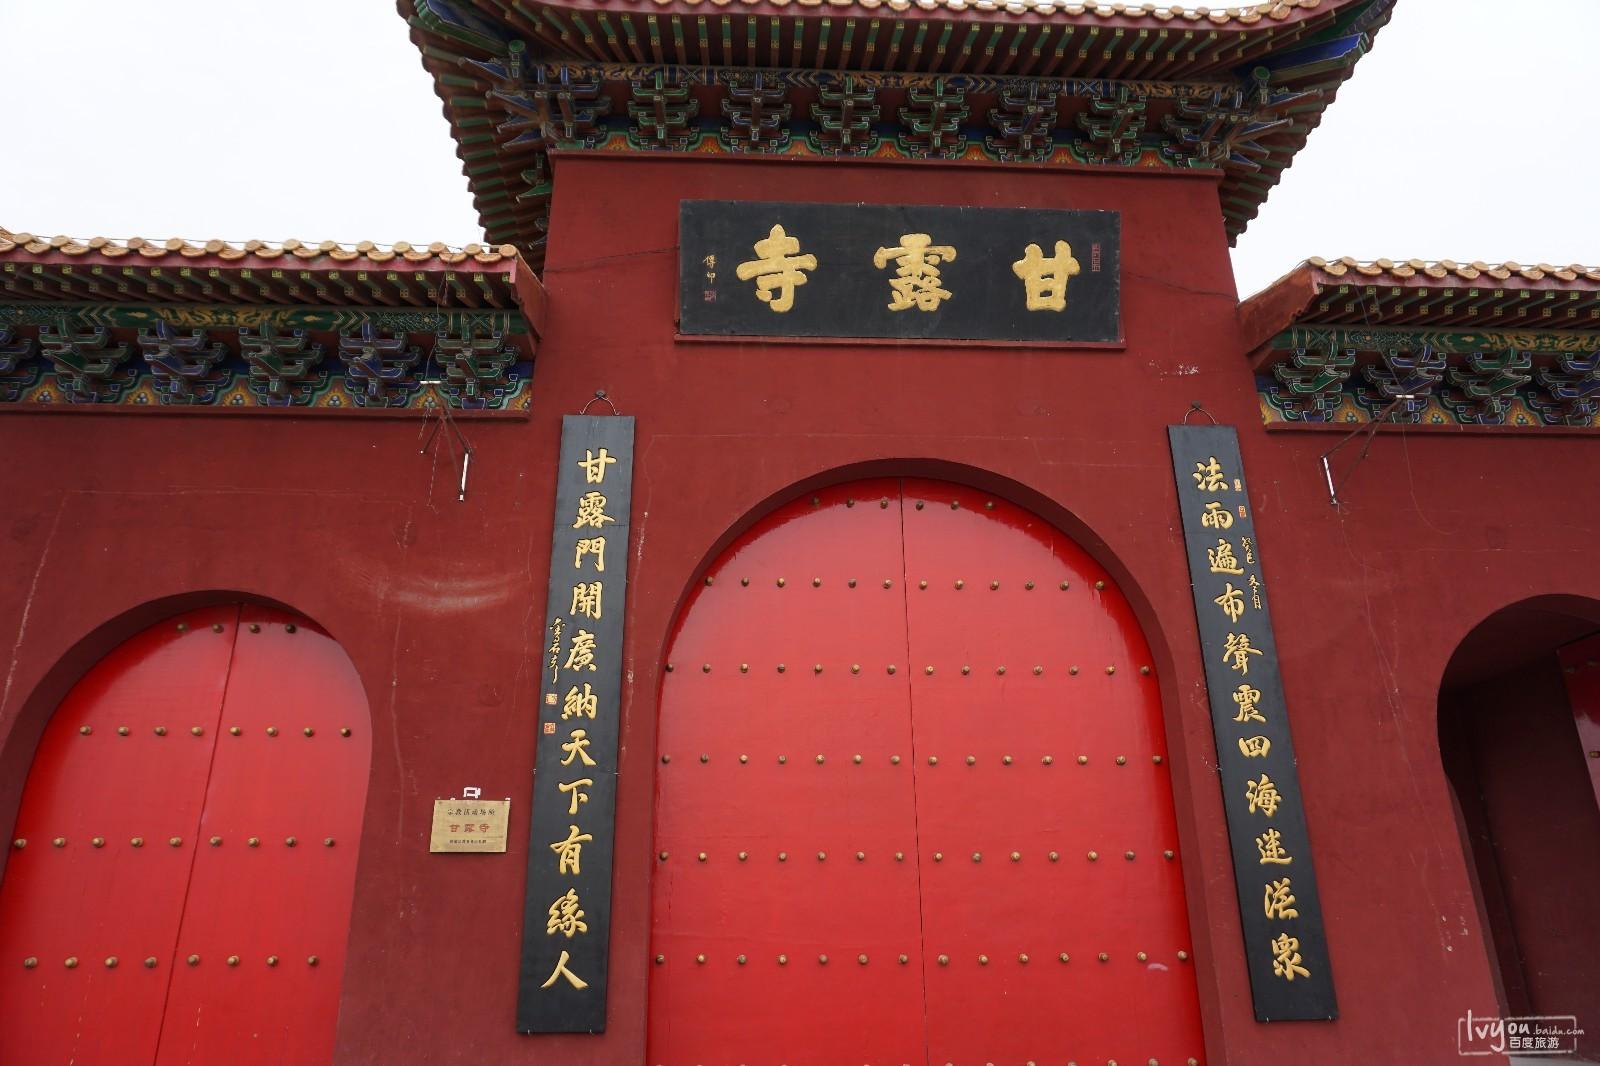 京娘湖<a href=http://www.huaxiacaixun.com/Trave/ target=_blank class=infotextkey>旅游</a>攻略图片1